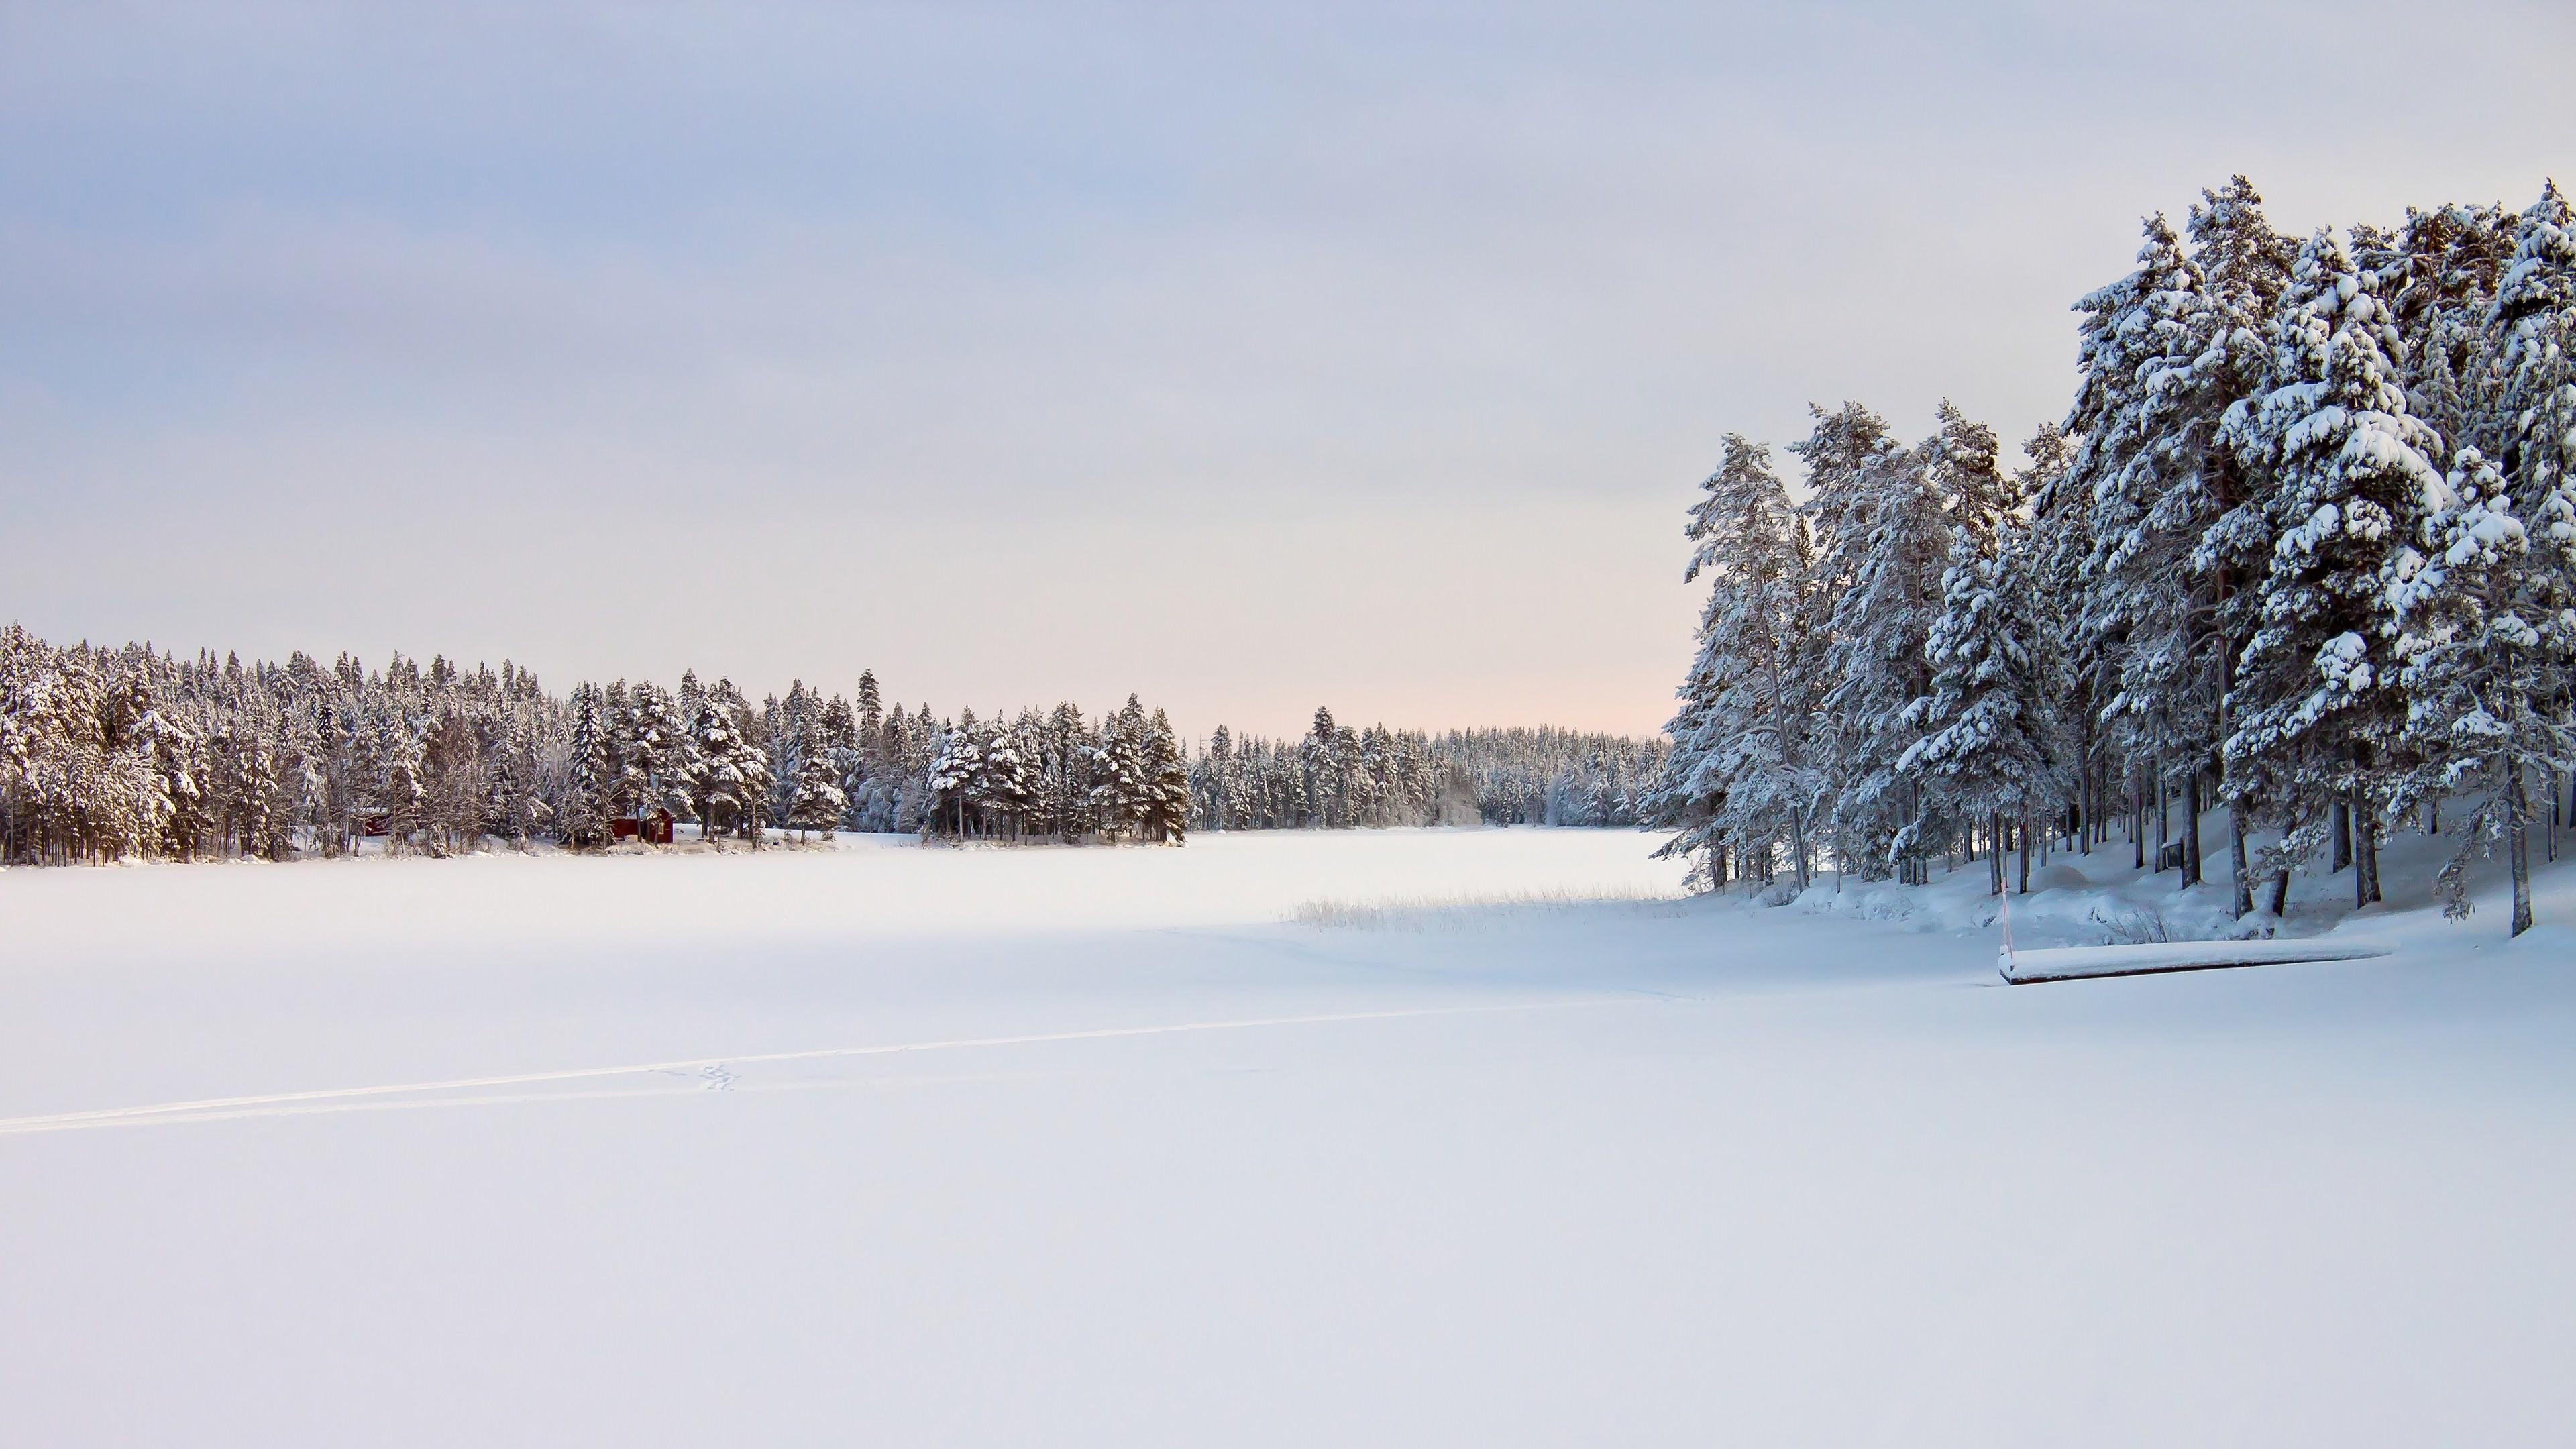 Earth – Winter Wallpaper